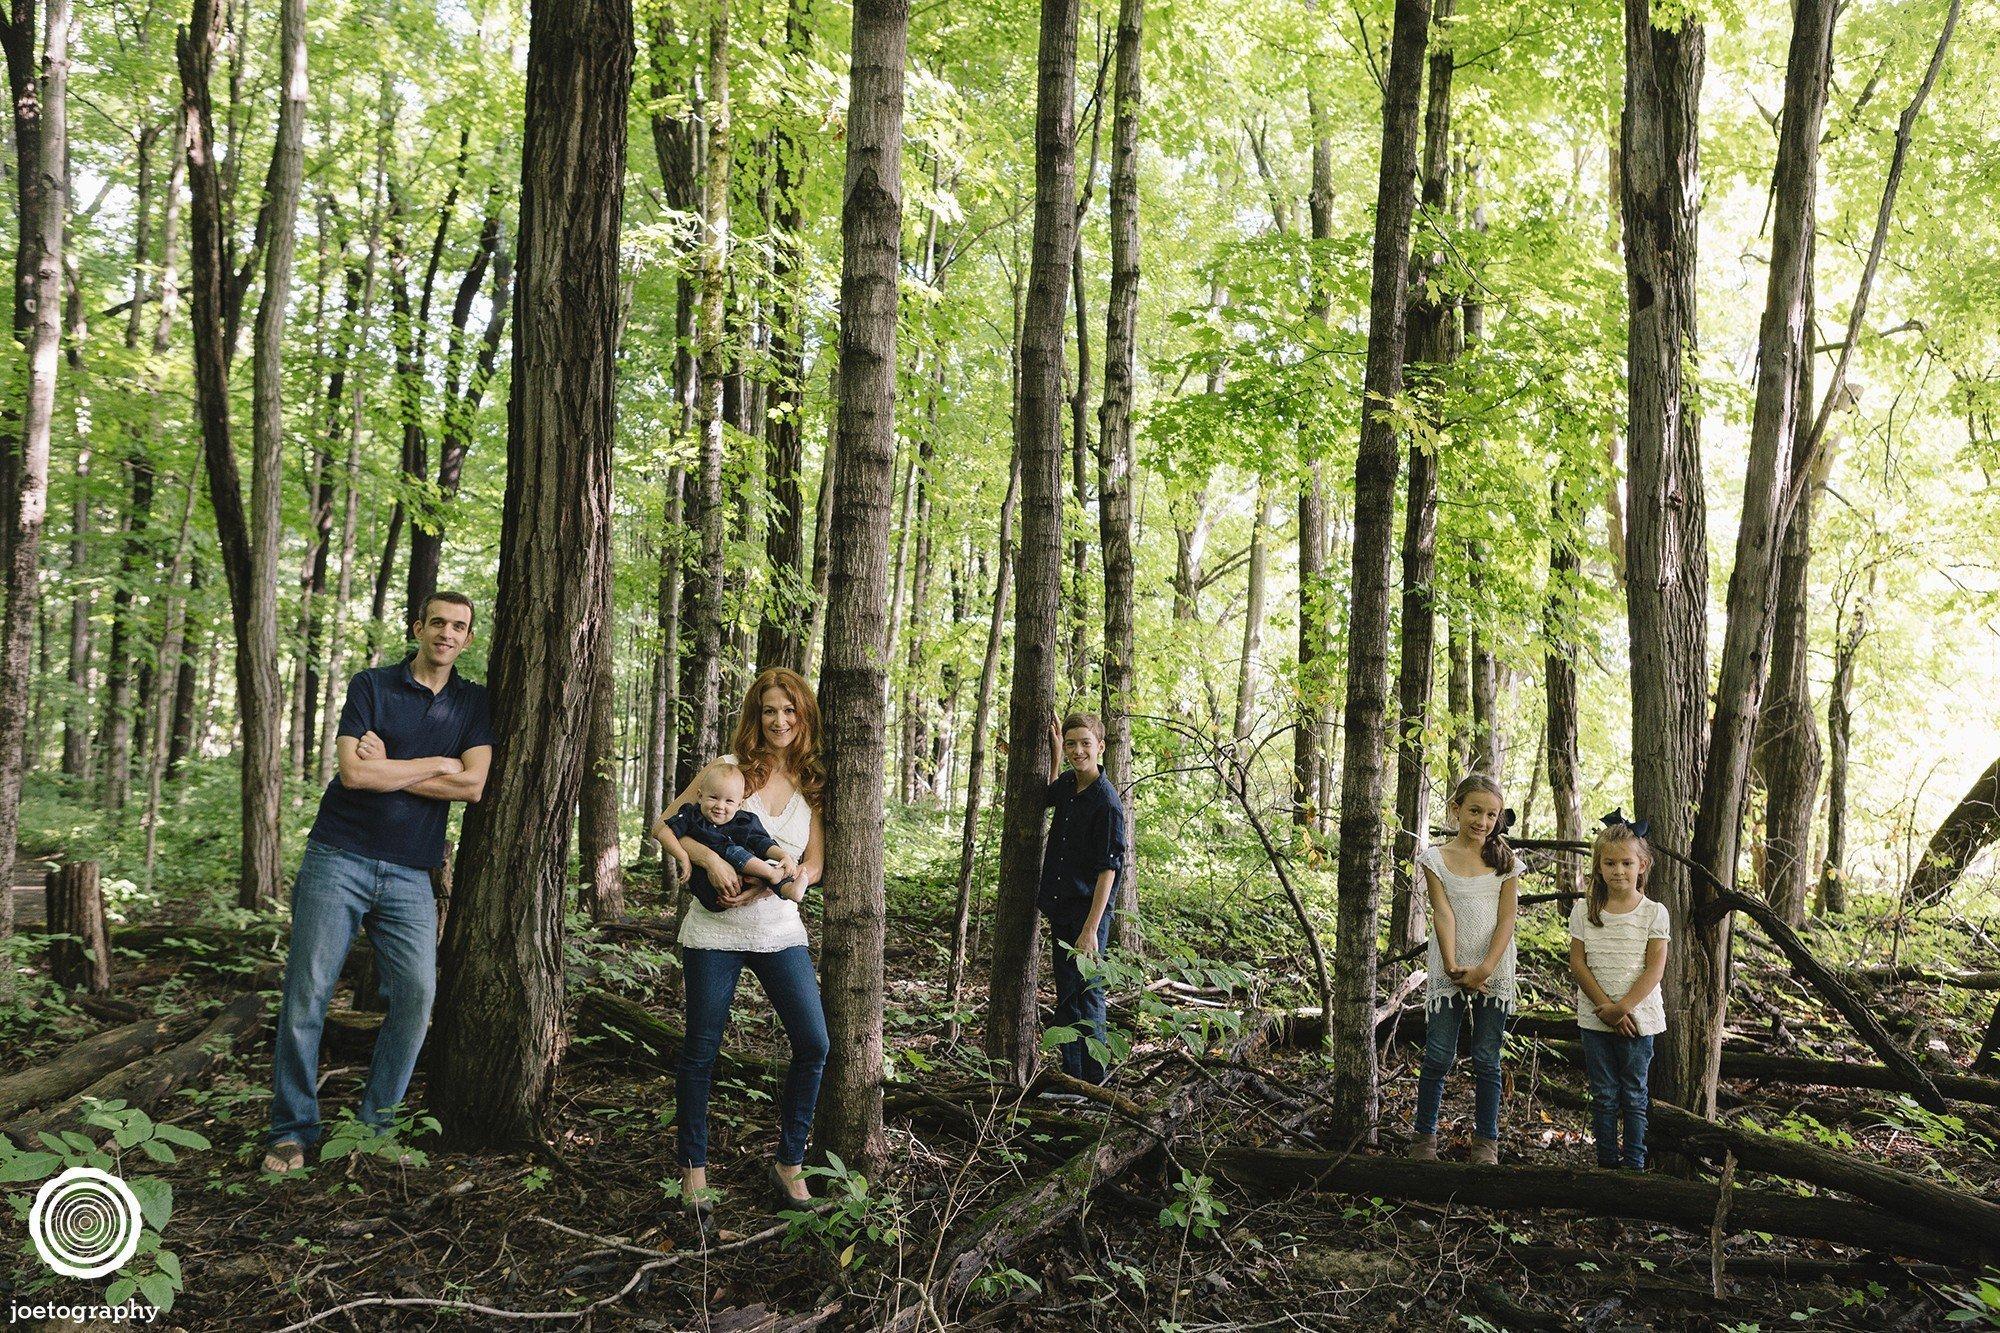 Murtaugh Family Photos | Fishers, Indiana - 4